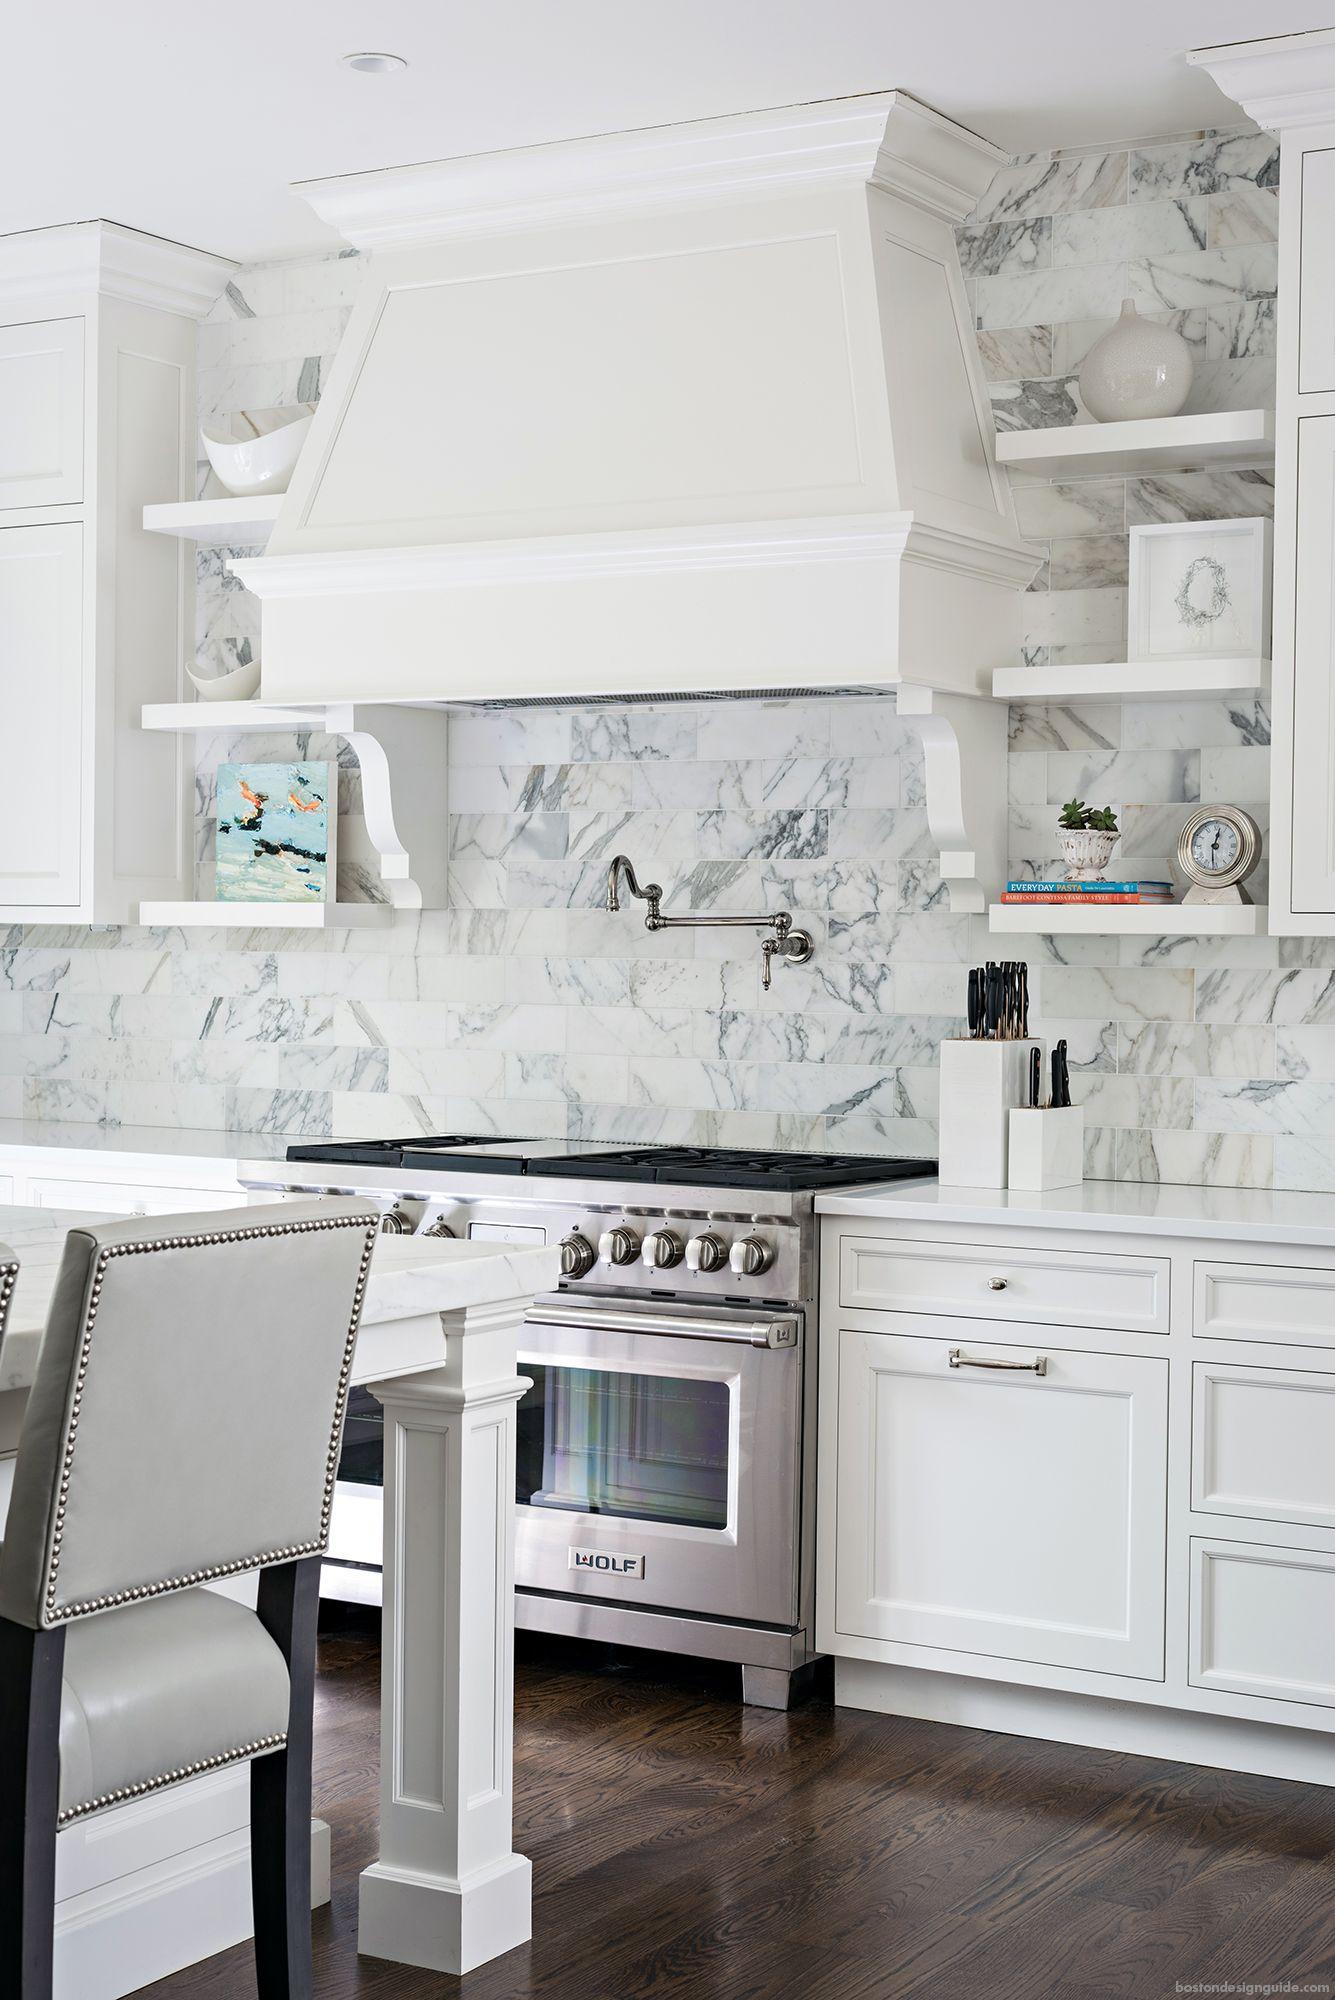 Faneuil Kitchen Cabinet Dan Cutrona Photography Kitchen